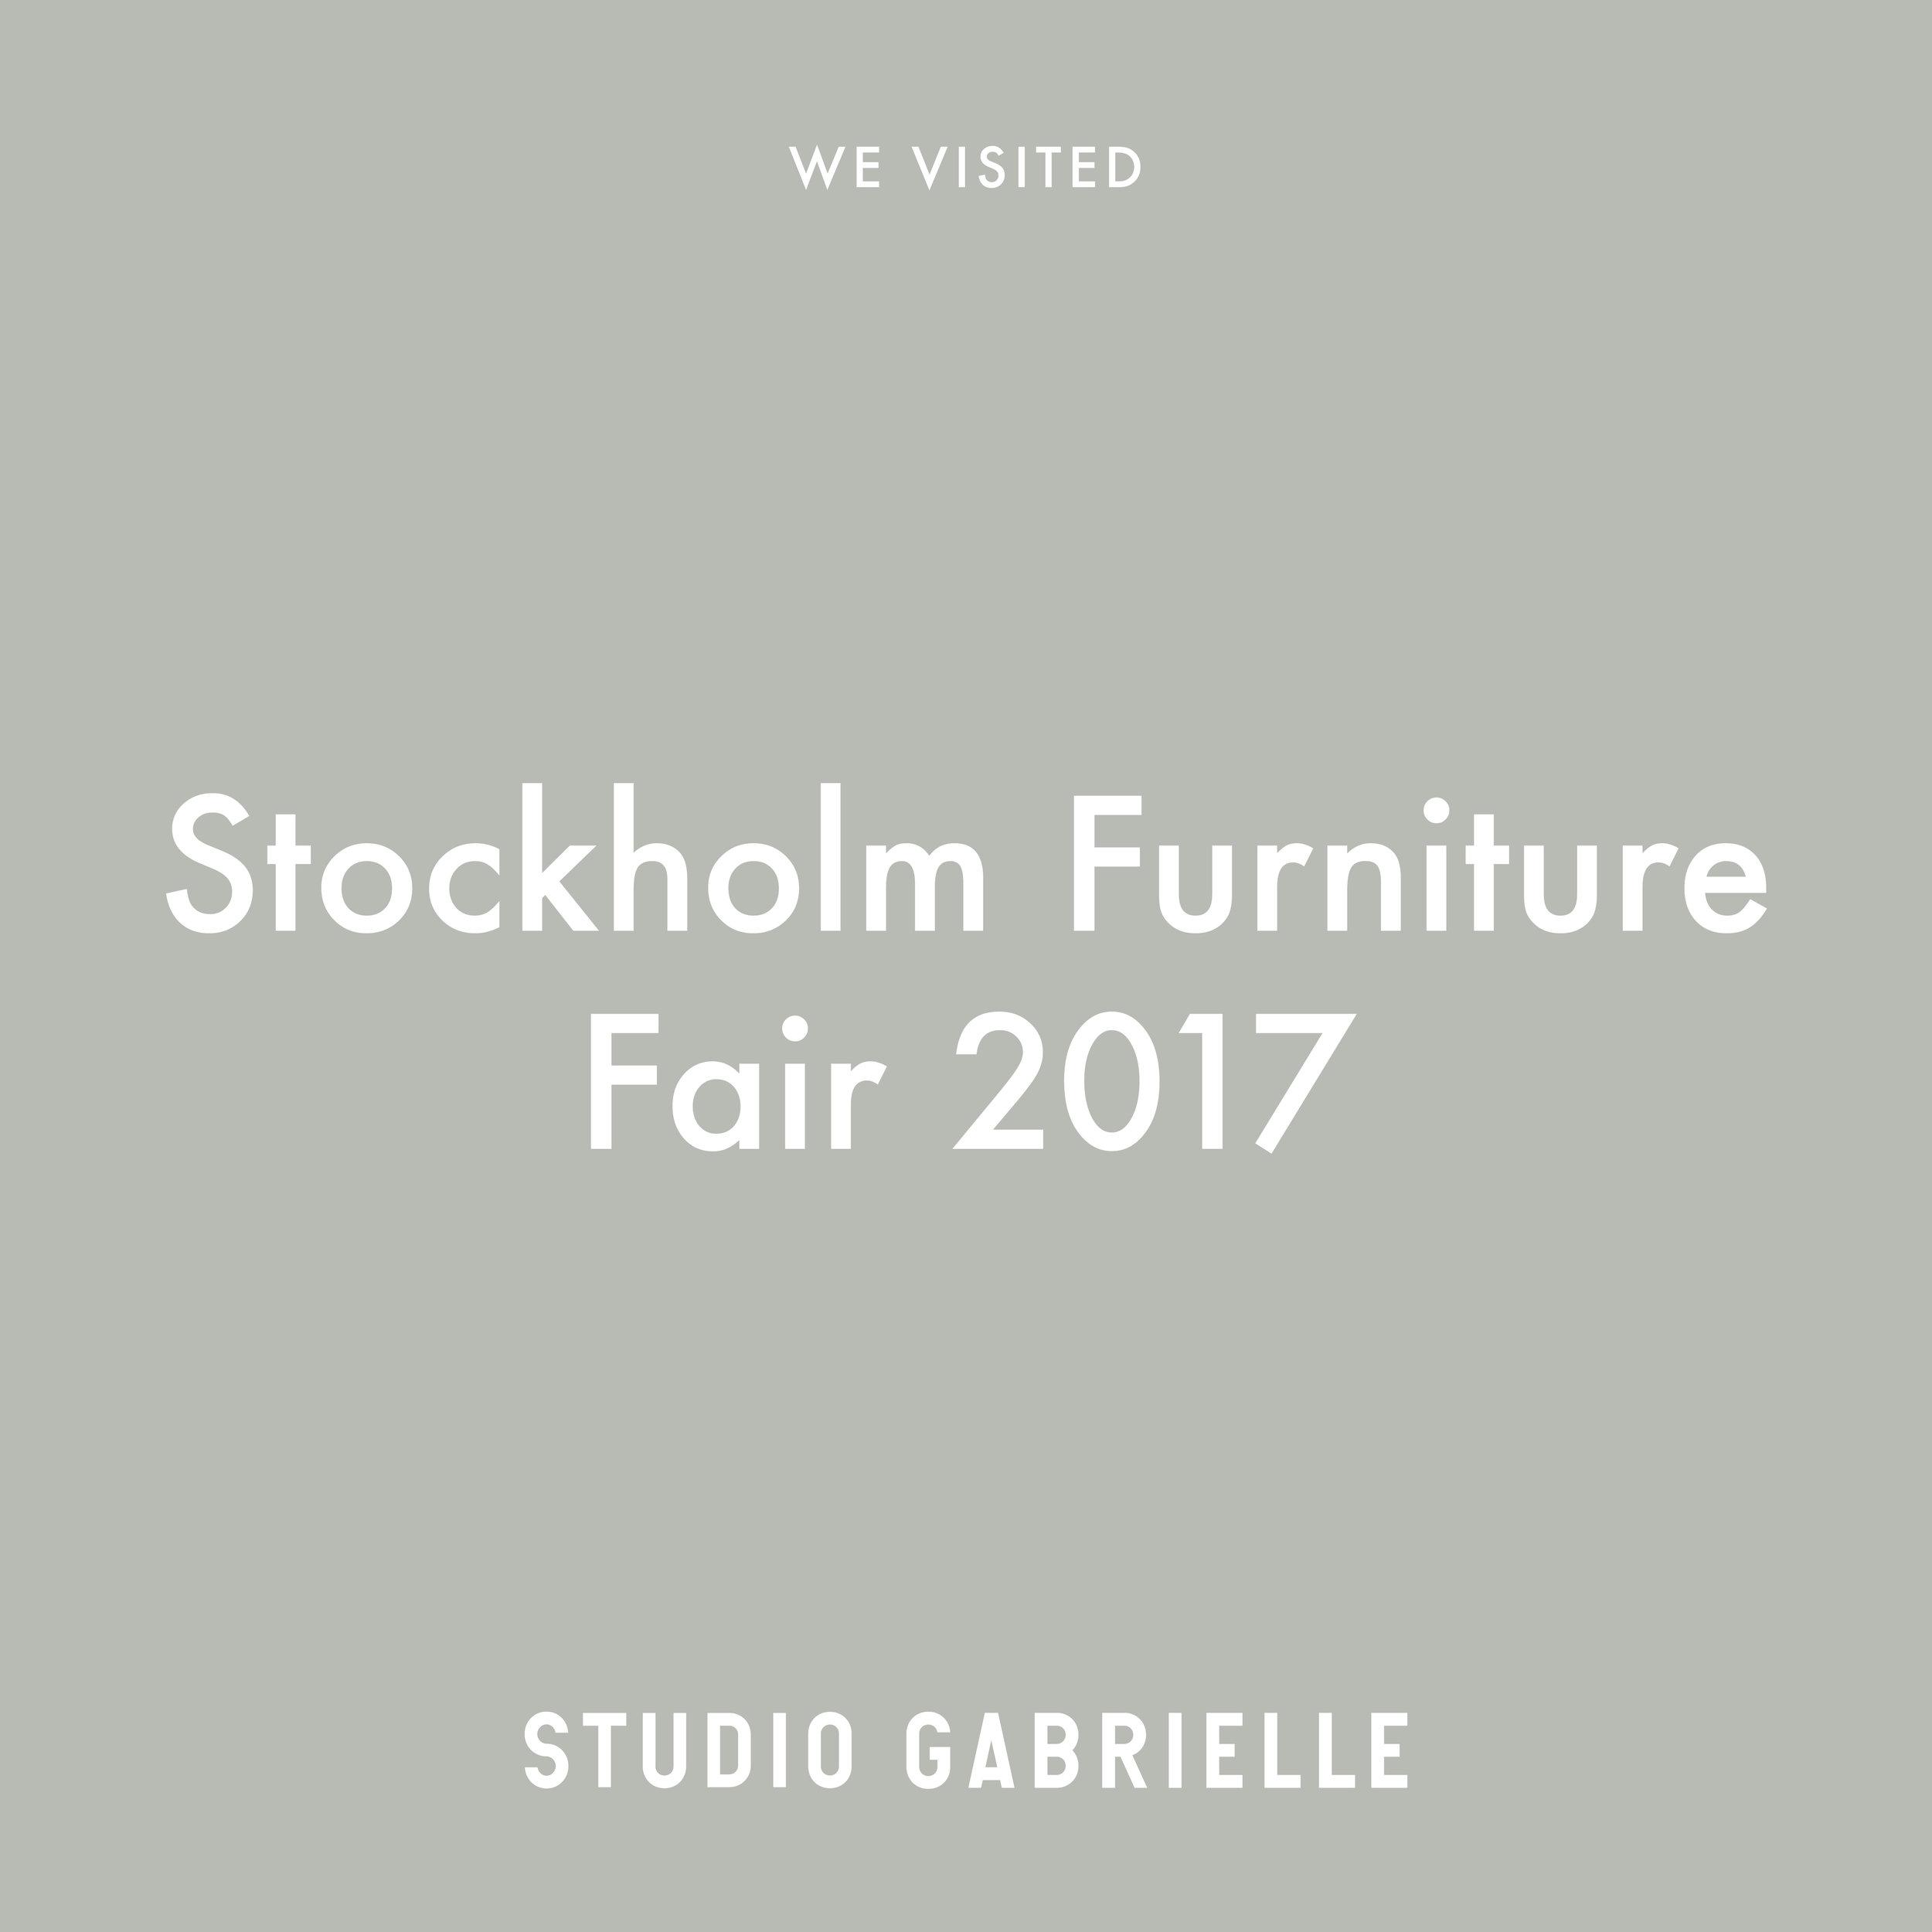 StudioGabrielle-EventReport-Stockholm-Furniture-Fair-2017-studiogabrielle.co